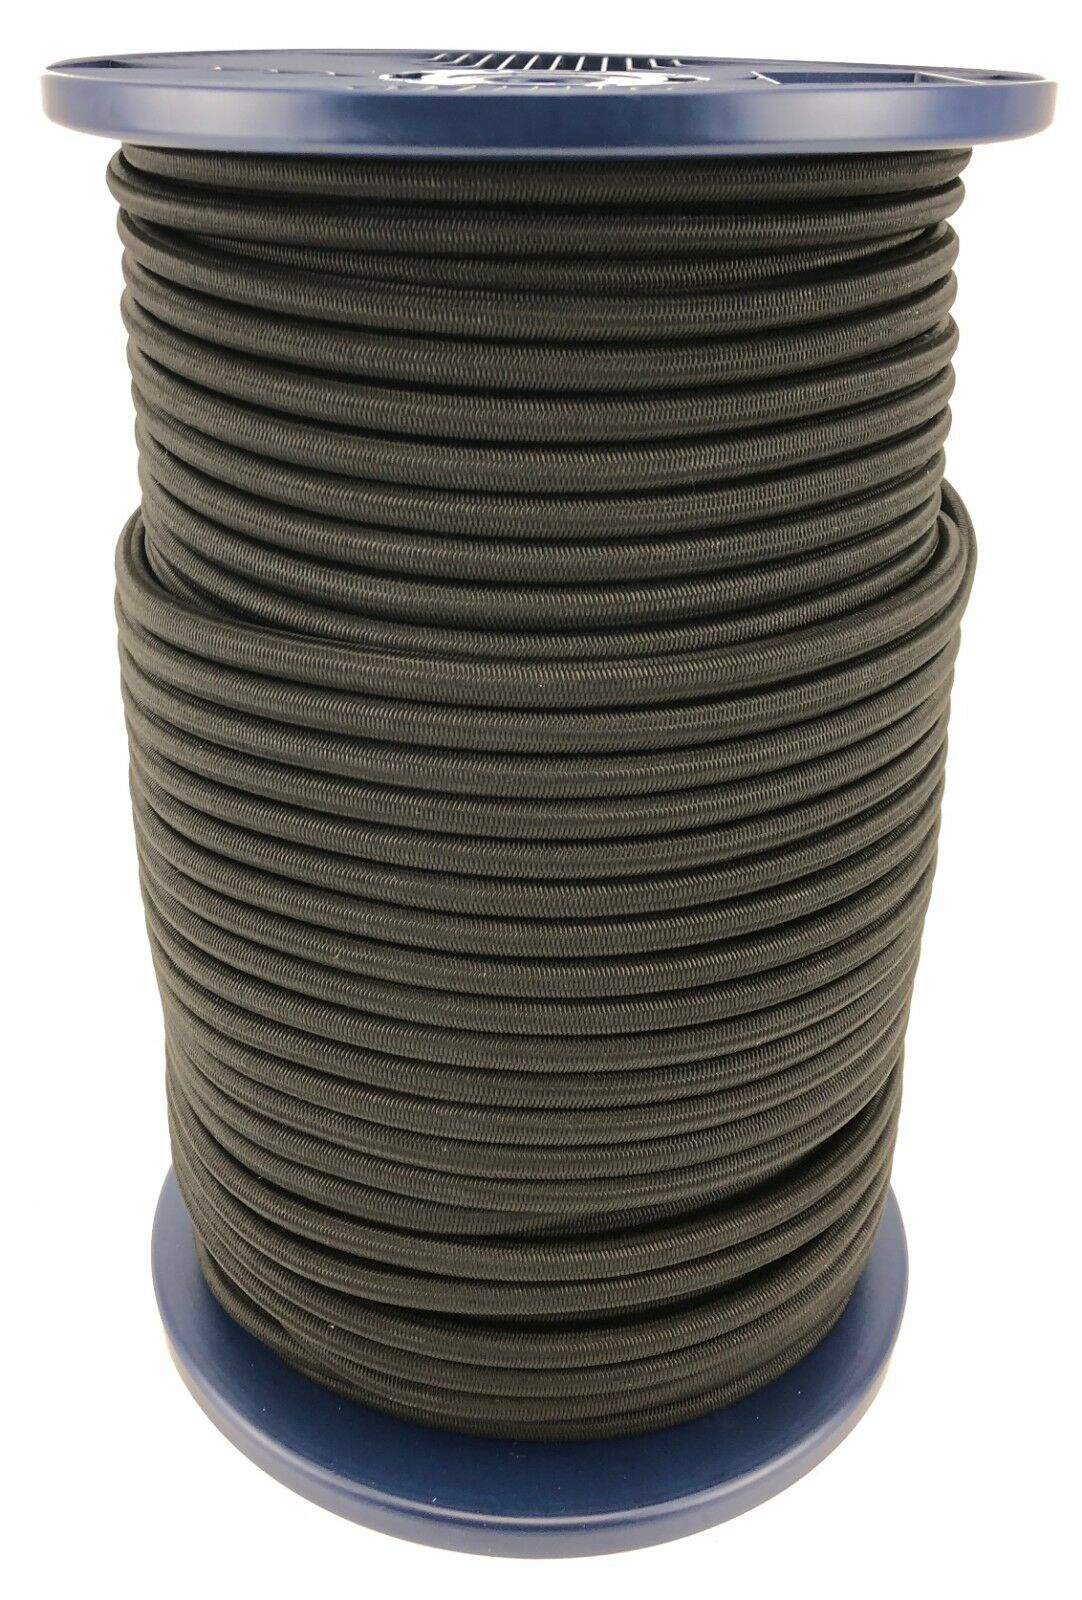 12mm Negro Bungee Elastica Cuerda Cuerda Elástica Anudable UV Estable